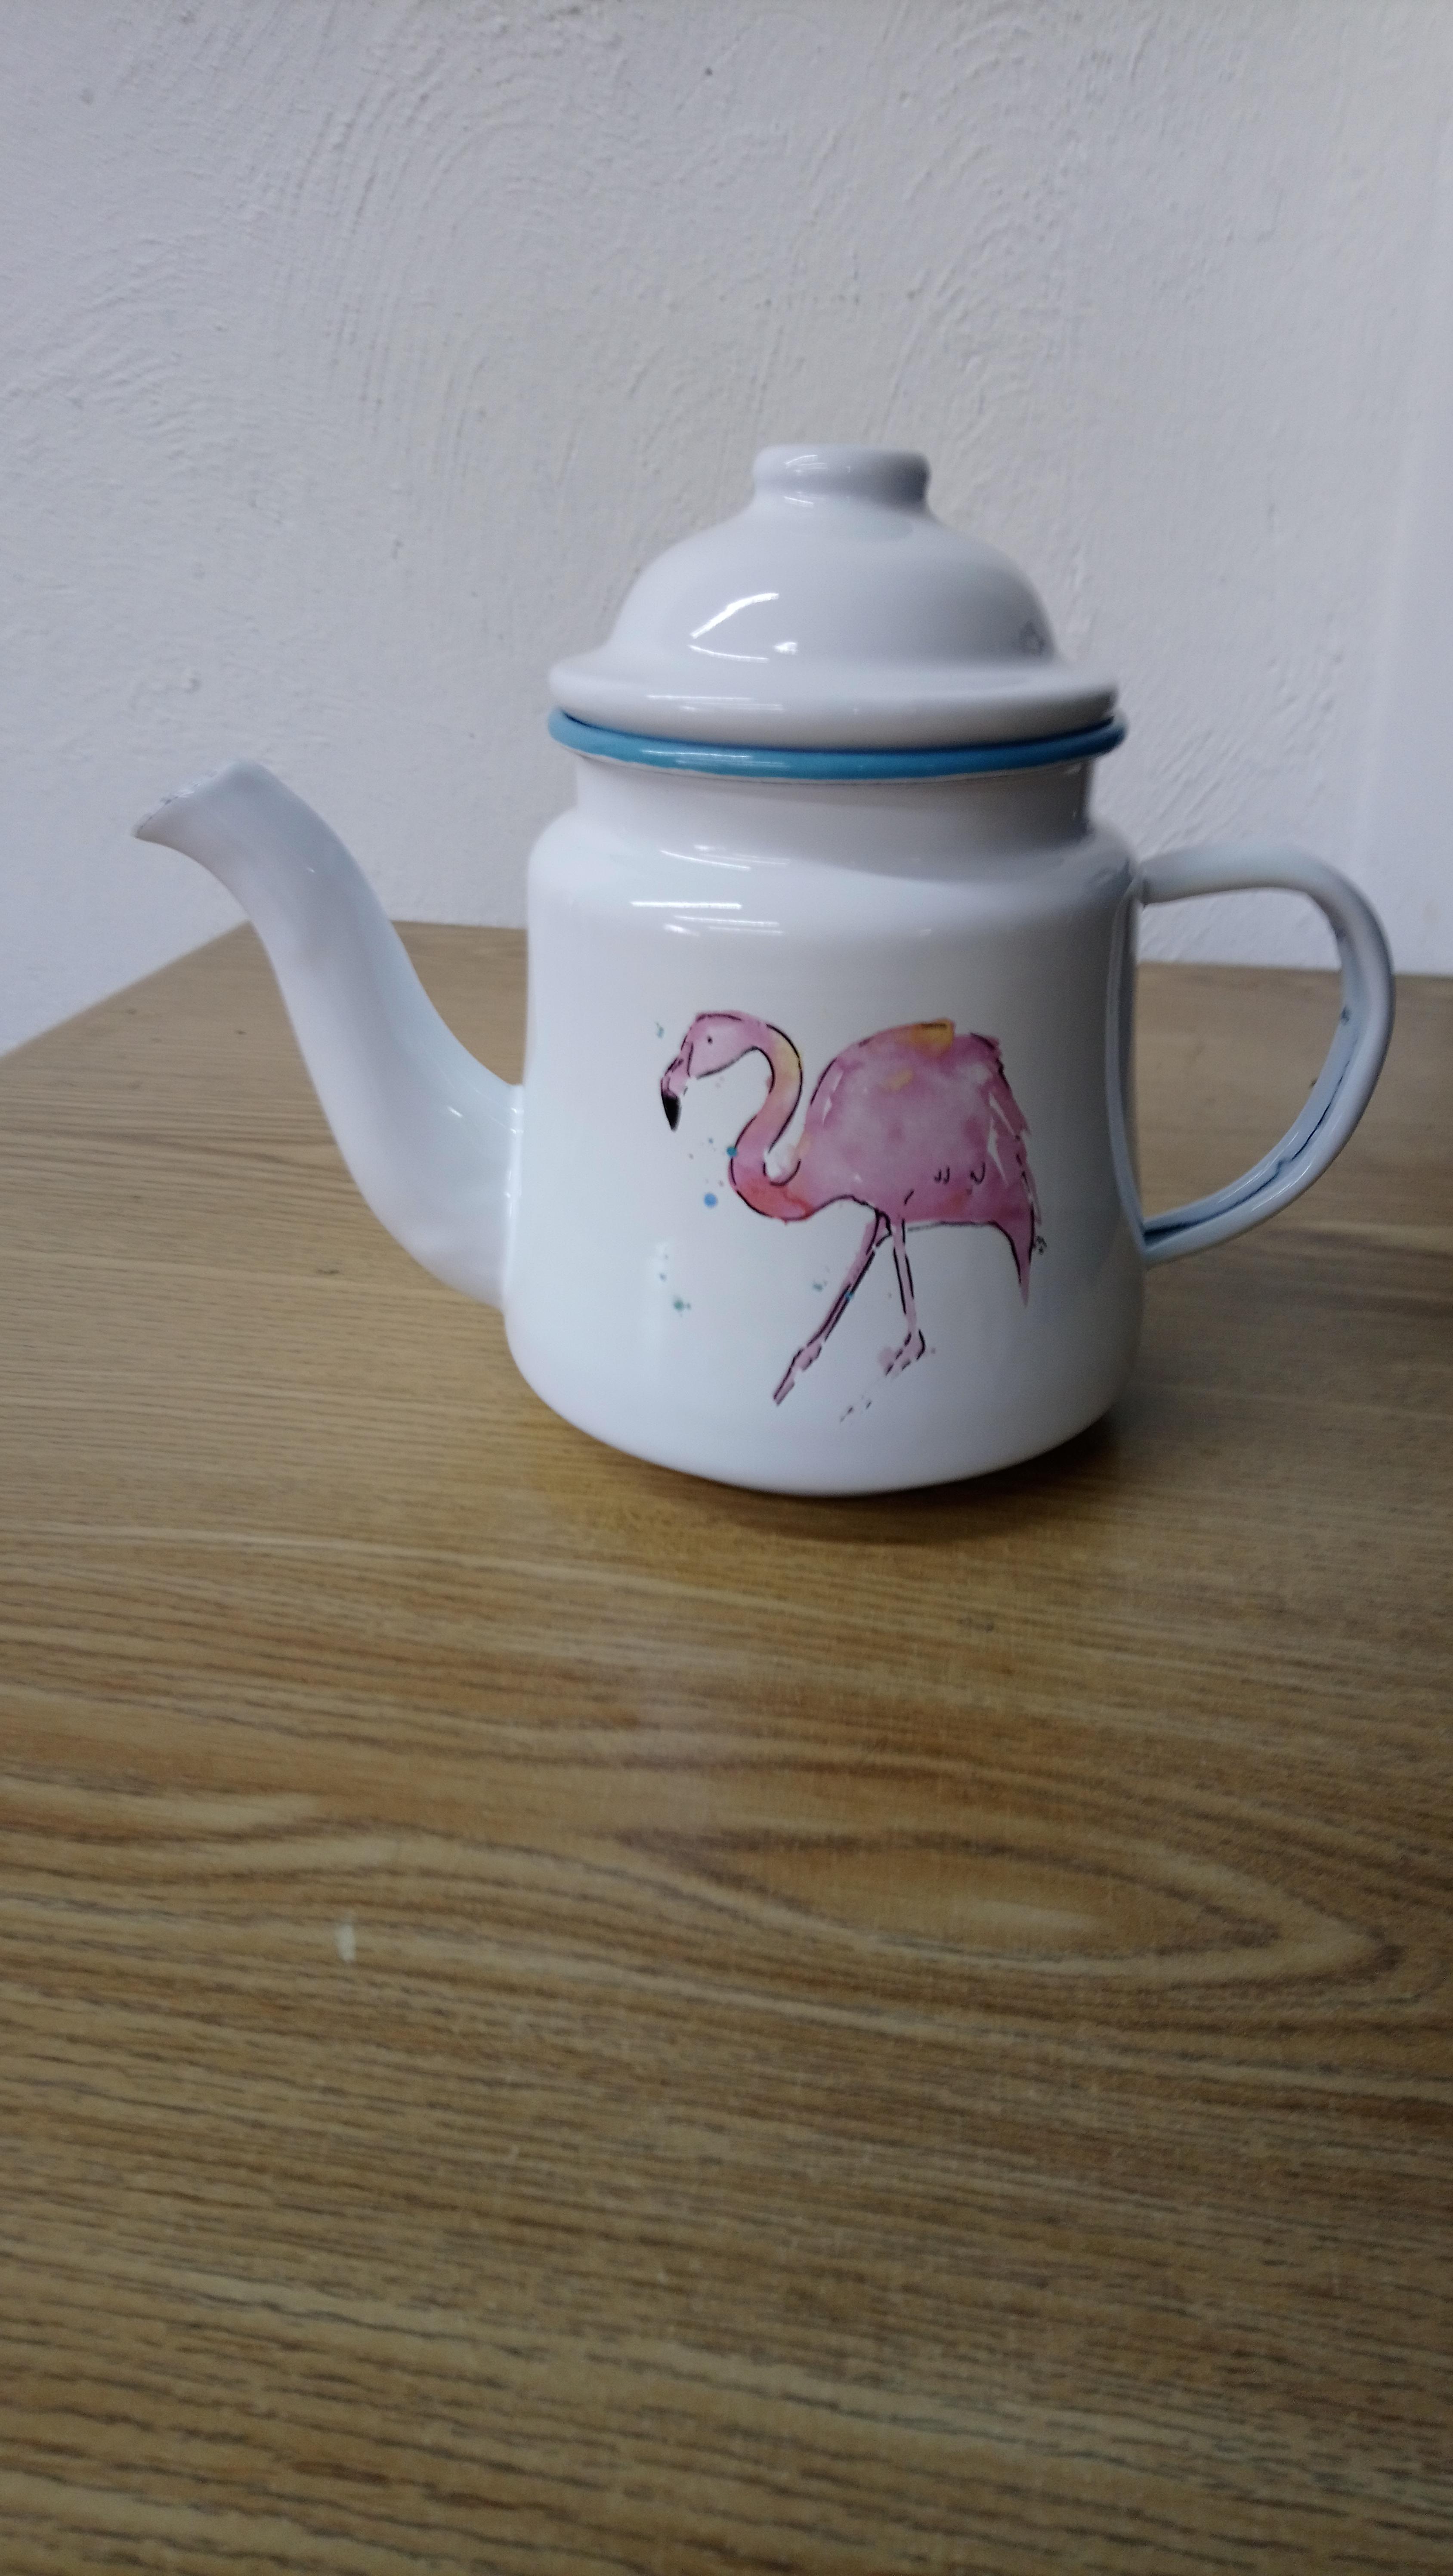 Tetera de peltre blanca con estampado de flamingo de 11x11x11cm